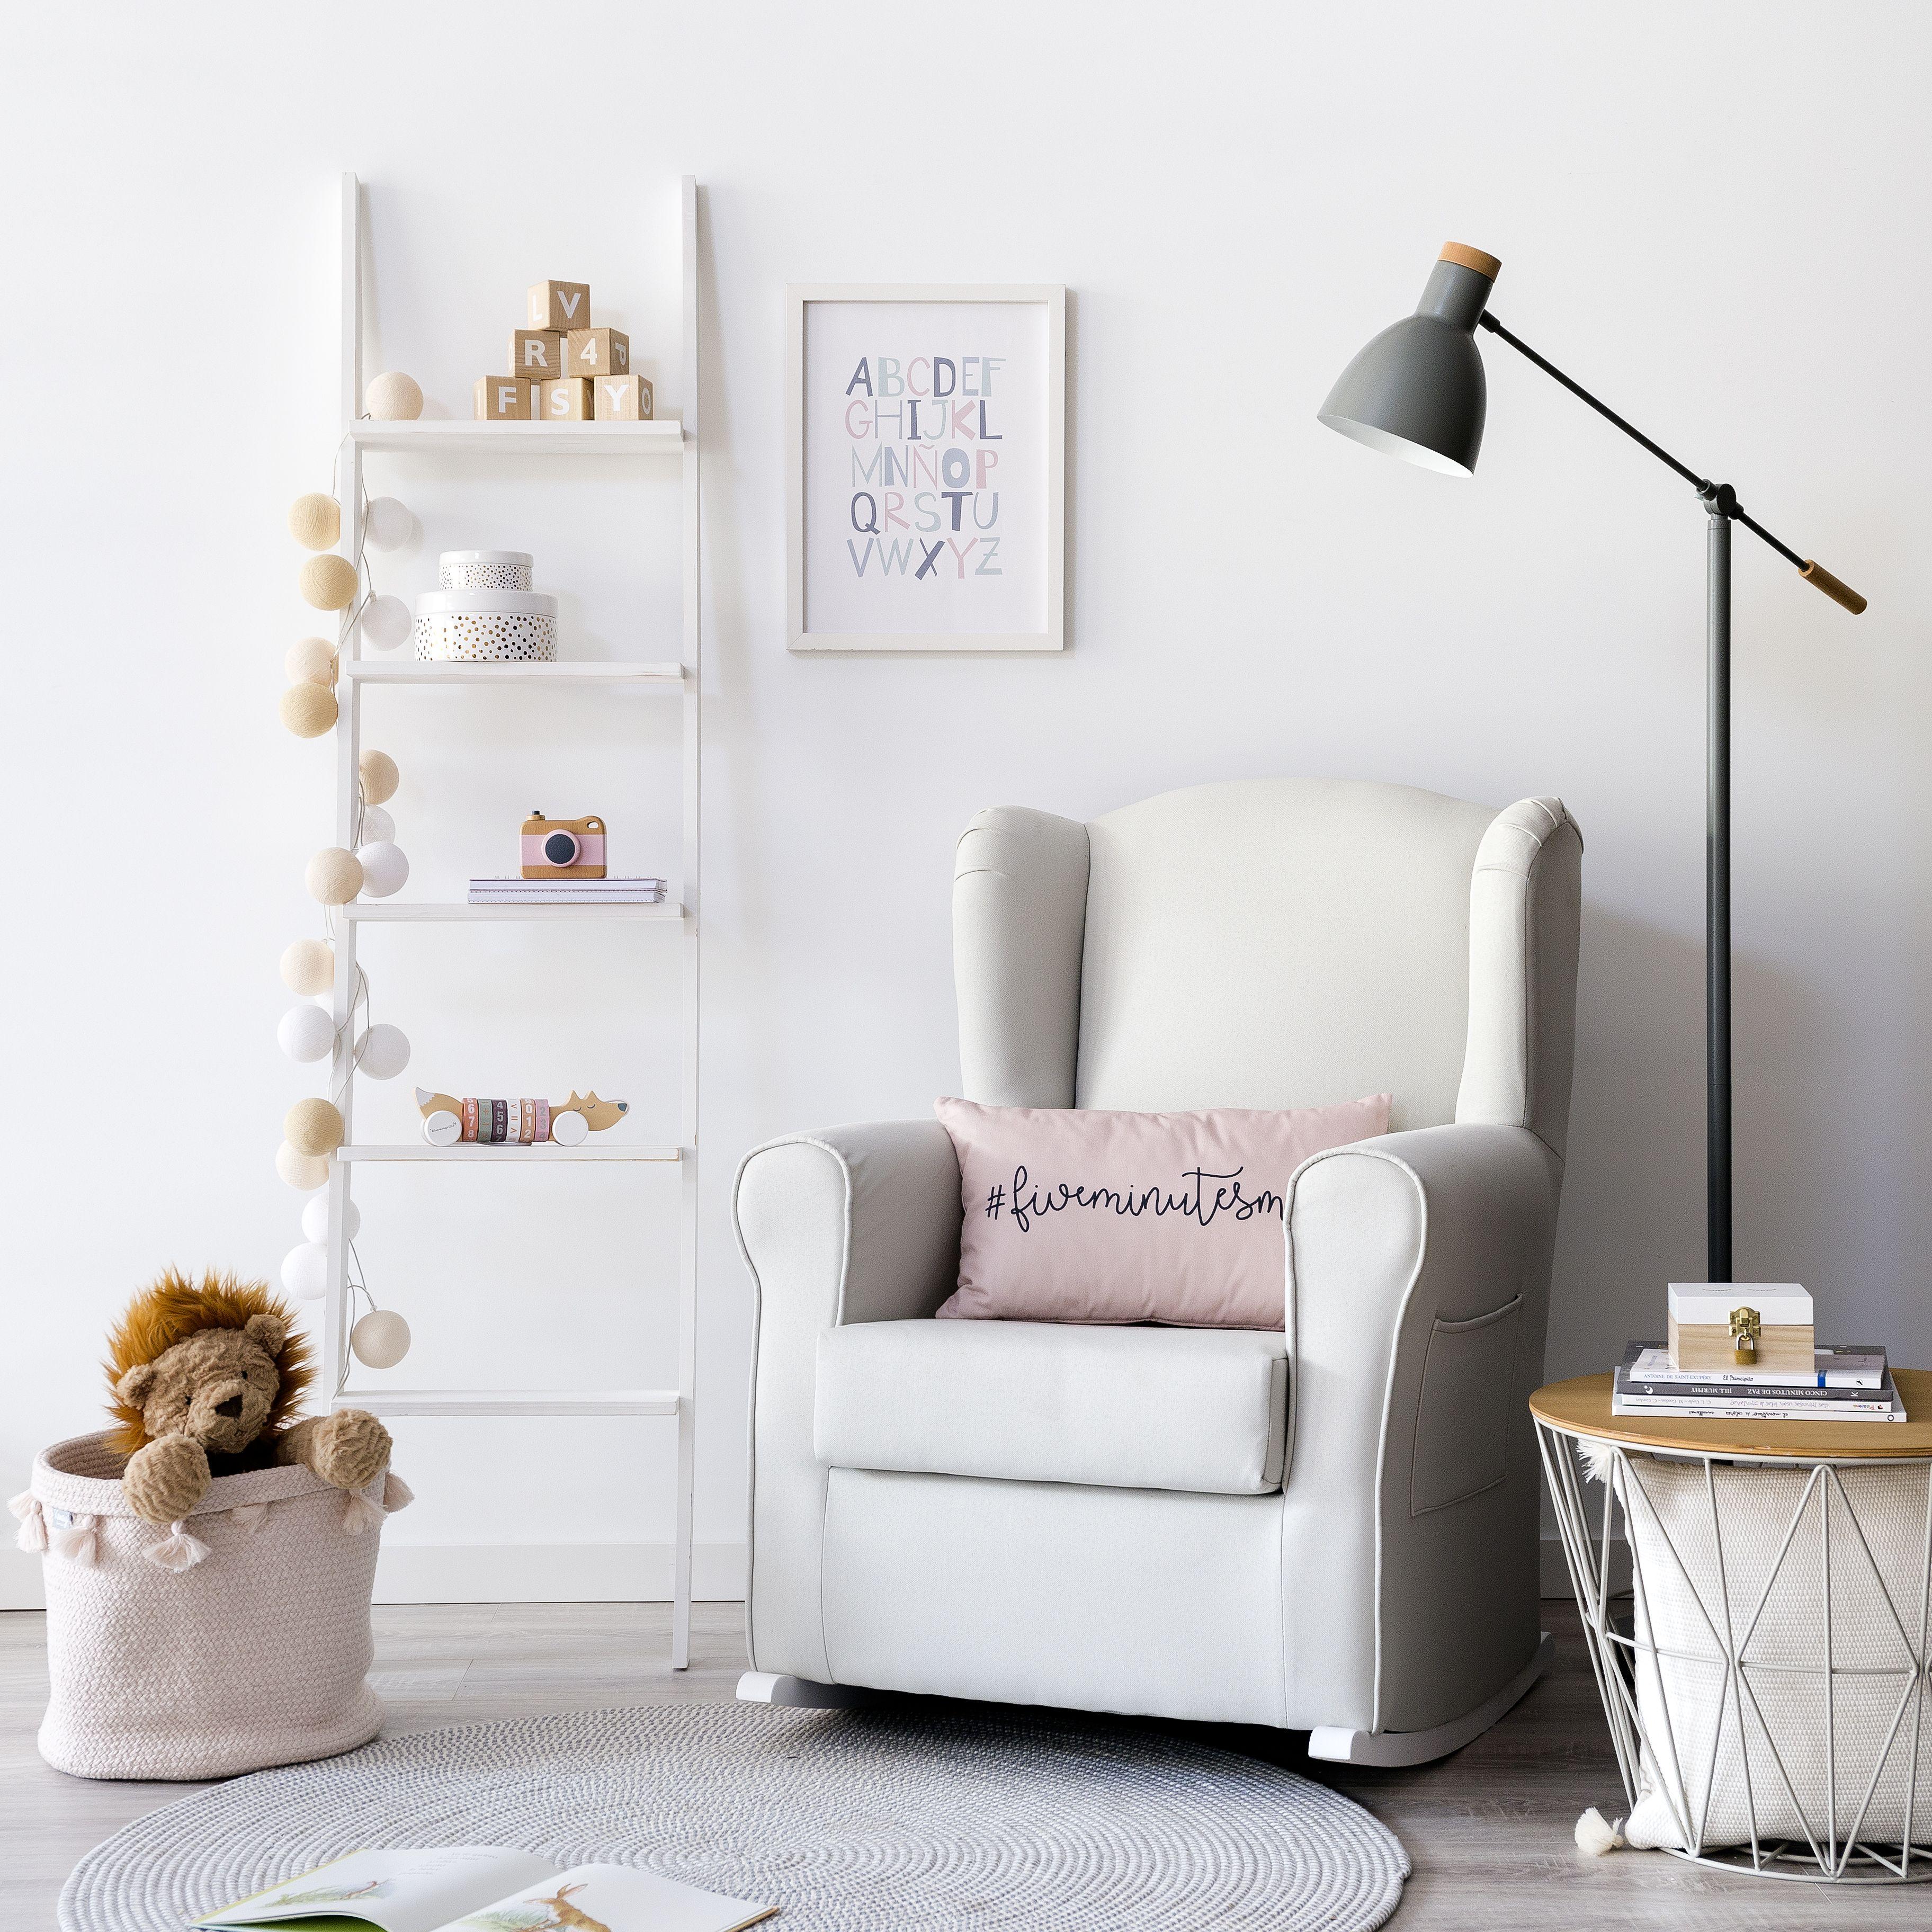 06eda730c Butaca balancín Star | La butaca balancín que querrás en el dormitorio de  tu bebé. Este modelo es cómodo, bonito y combinable con cualquier estilo.